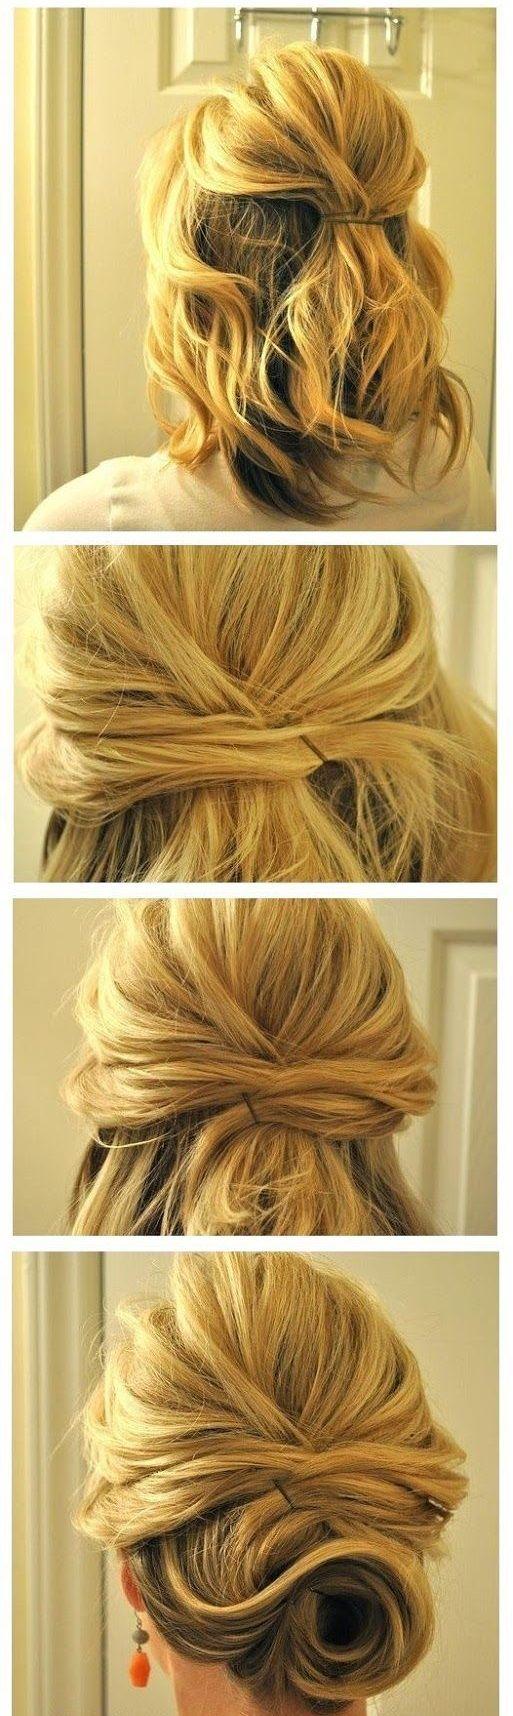 Styling auf kurzes Haar: Sorten von Frisuren und kleinen Tricks